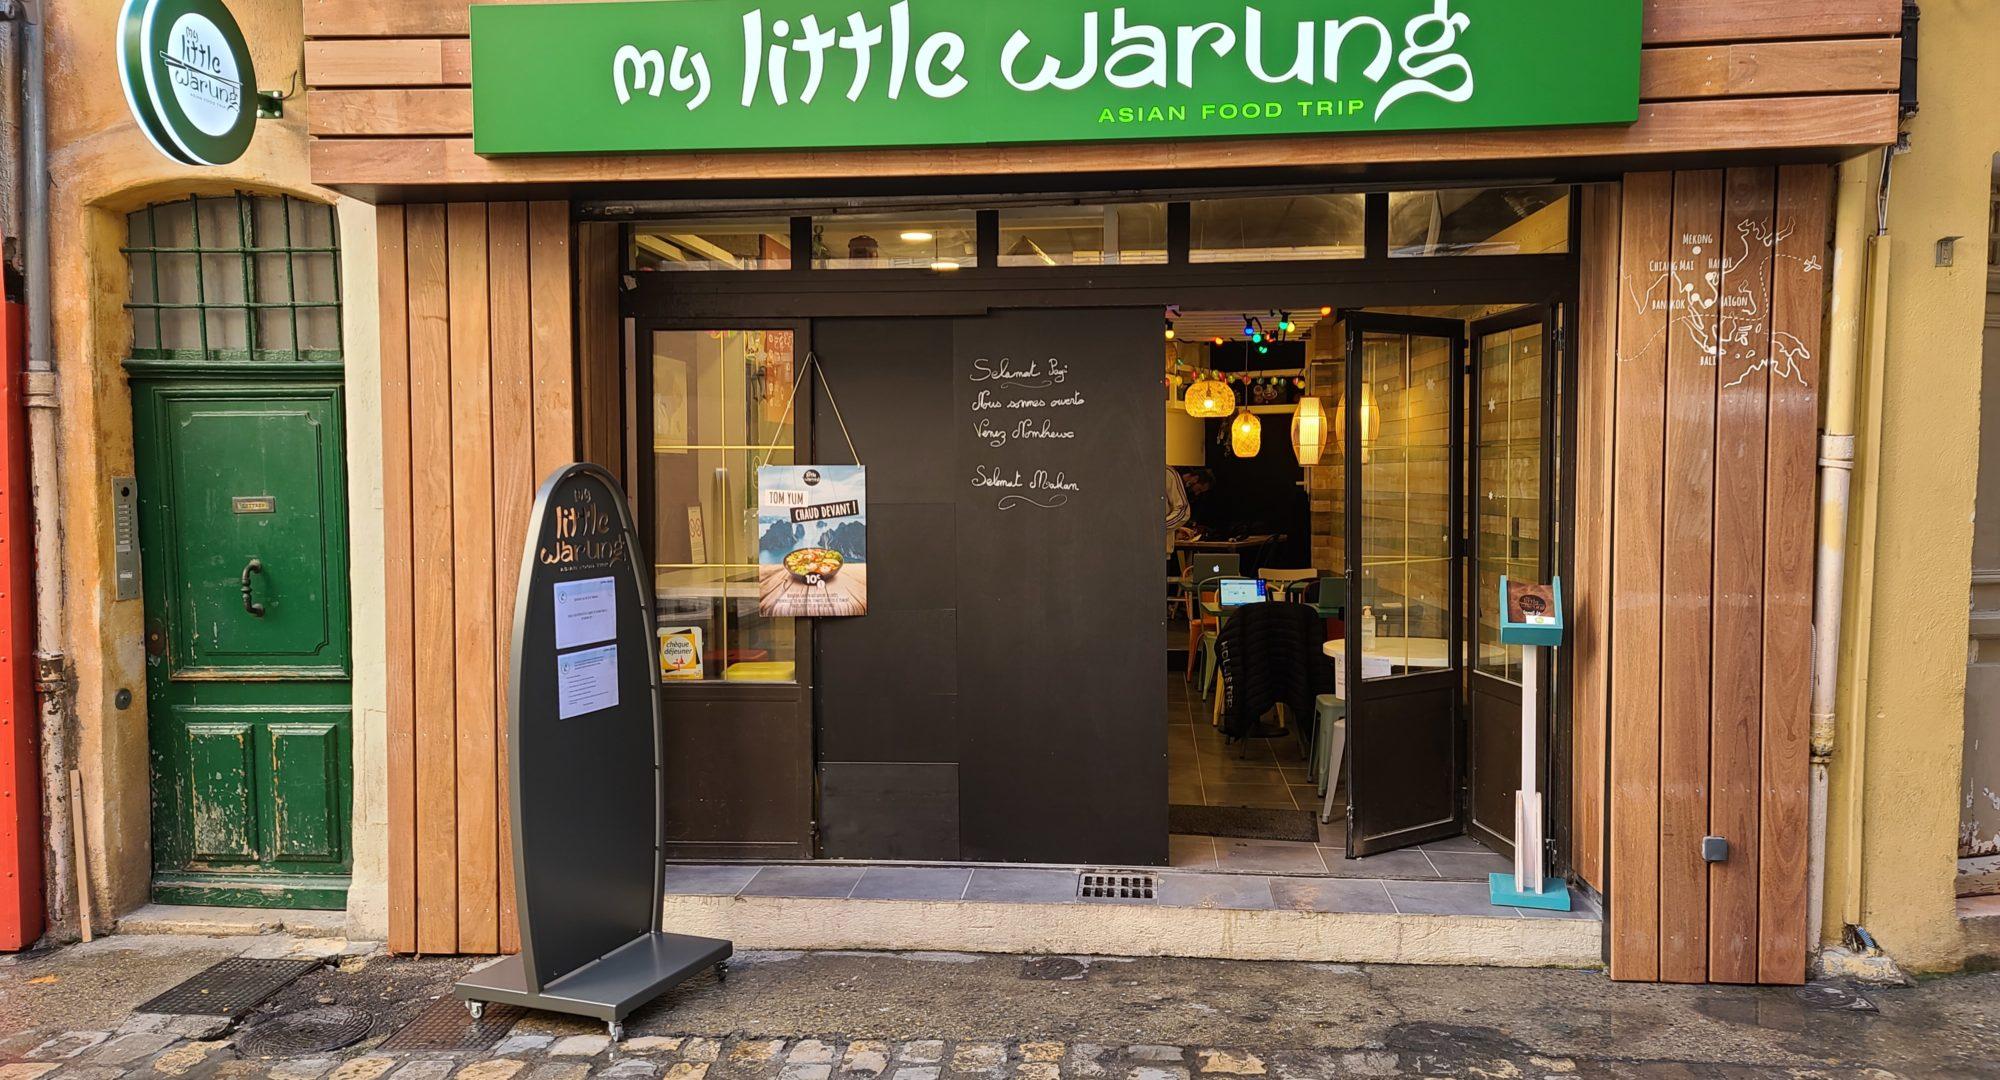 My Little Warung Aix-en-Provence